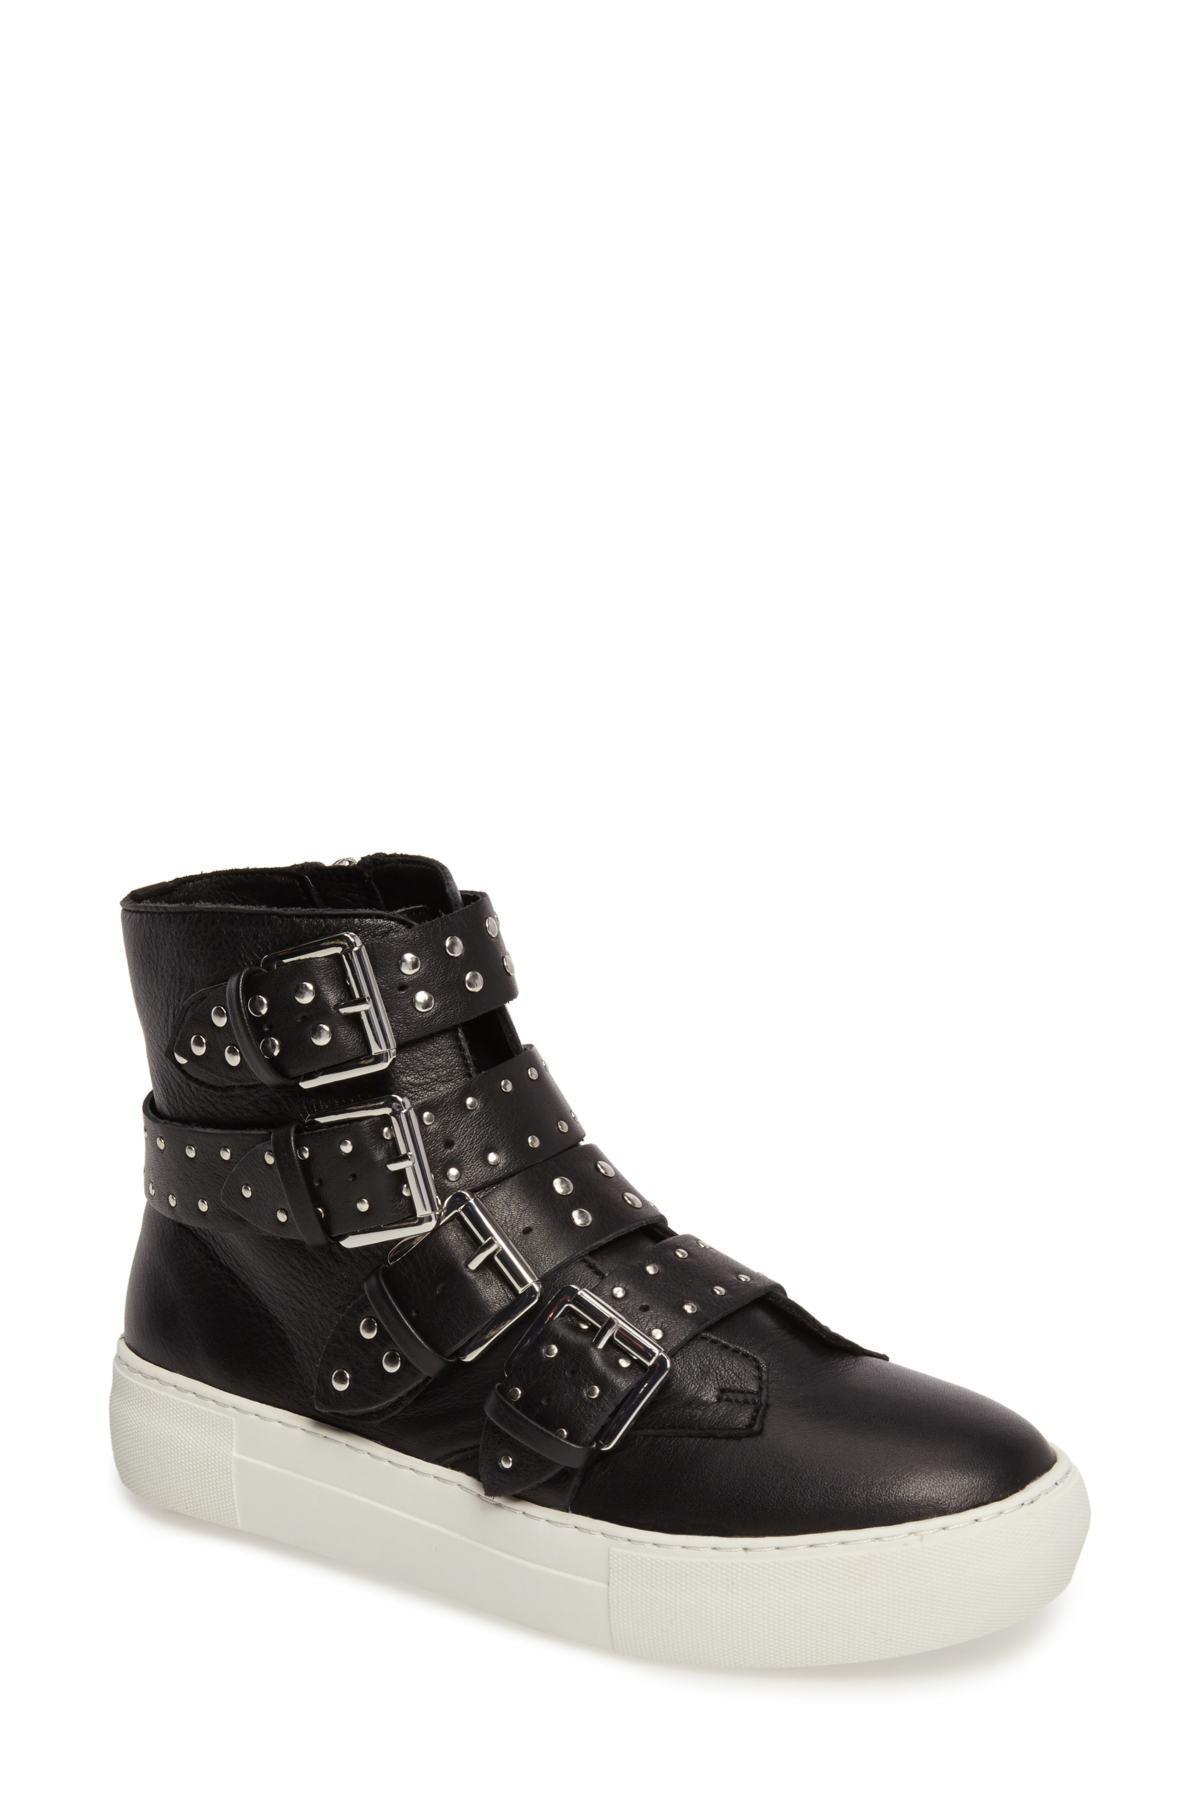 J/Slides Leather Black Aghast Studded